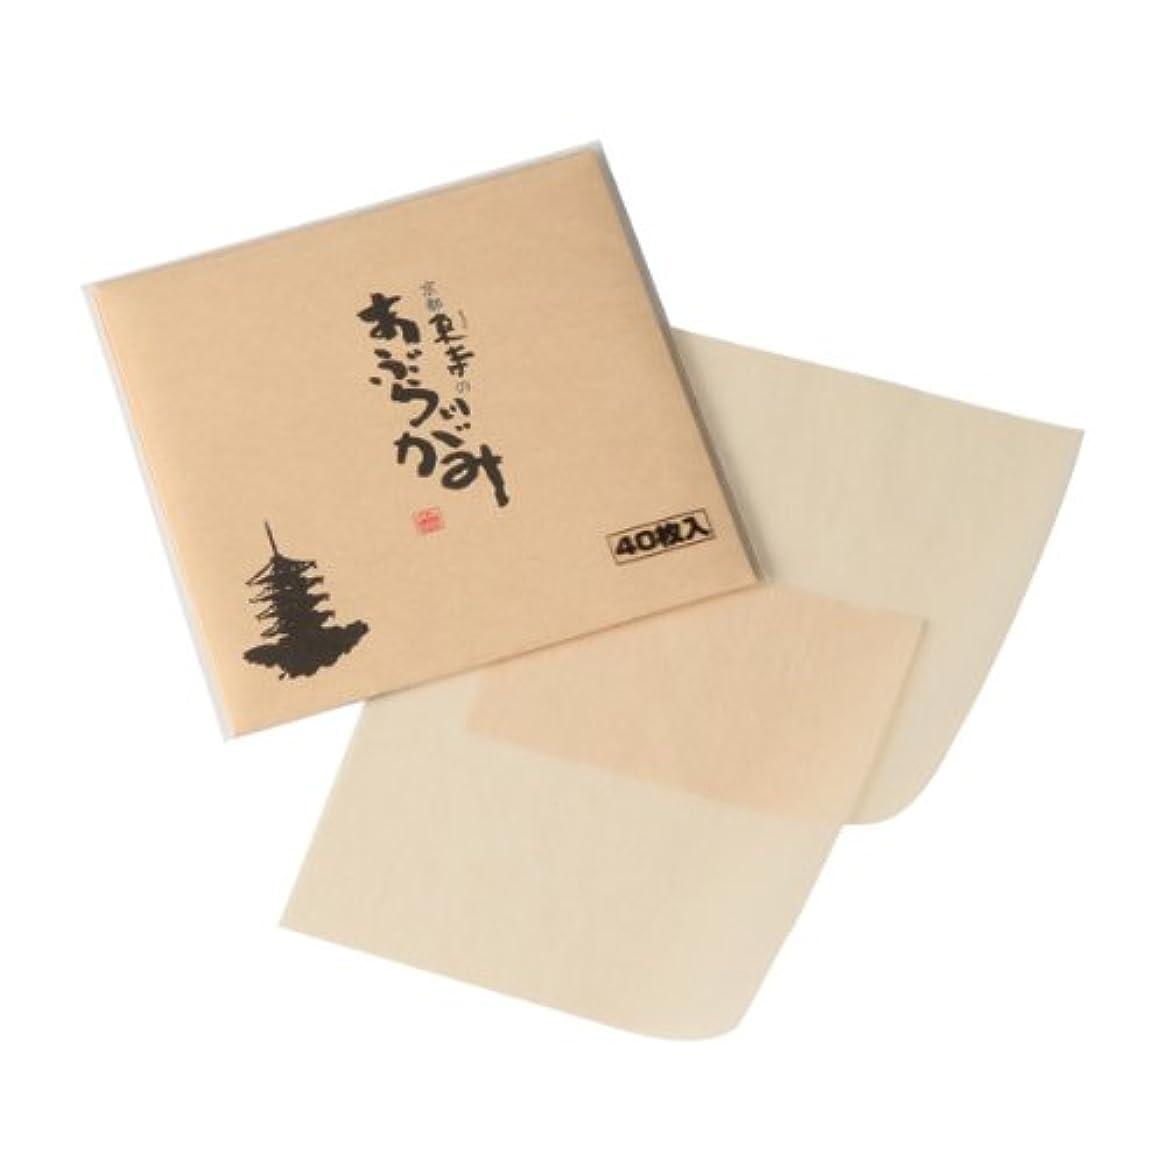 ワーディアンケース委任重量京都東寺のあぶらとりがみ レギュラーサイズ 40枚入